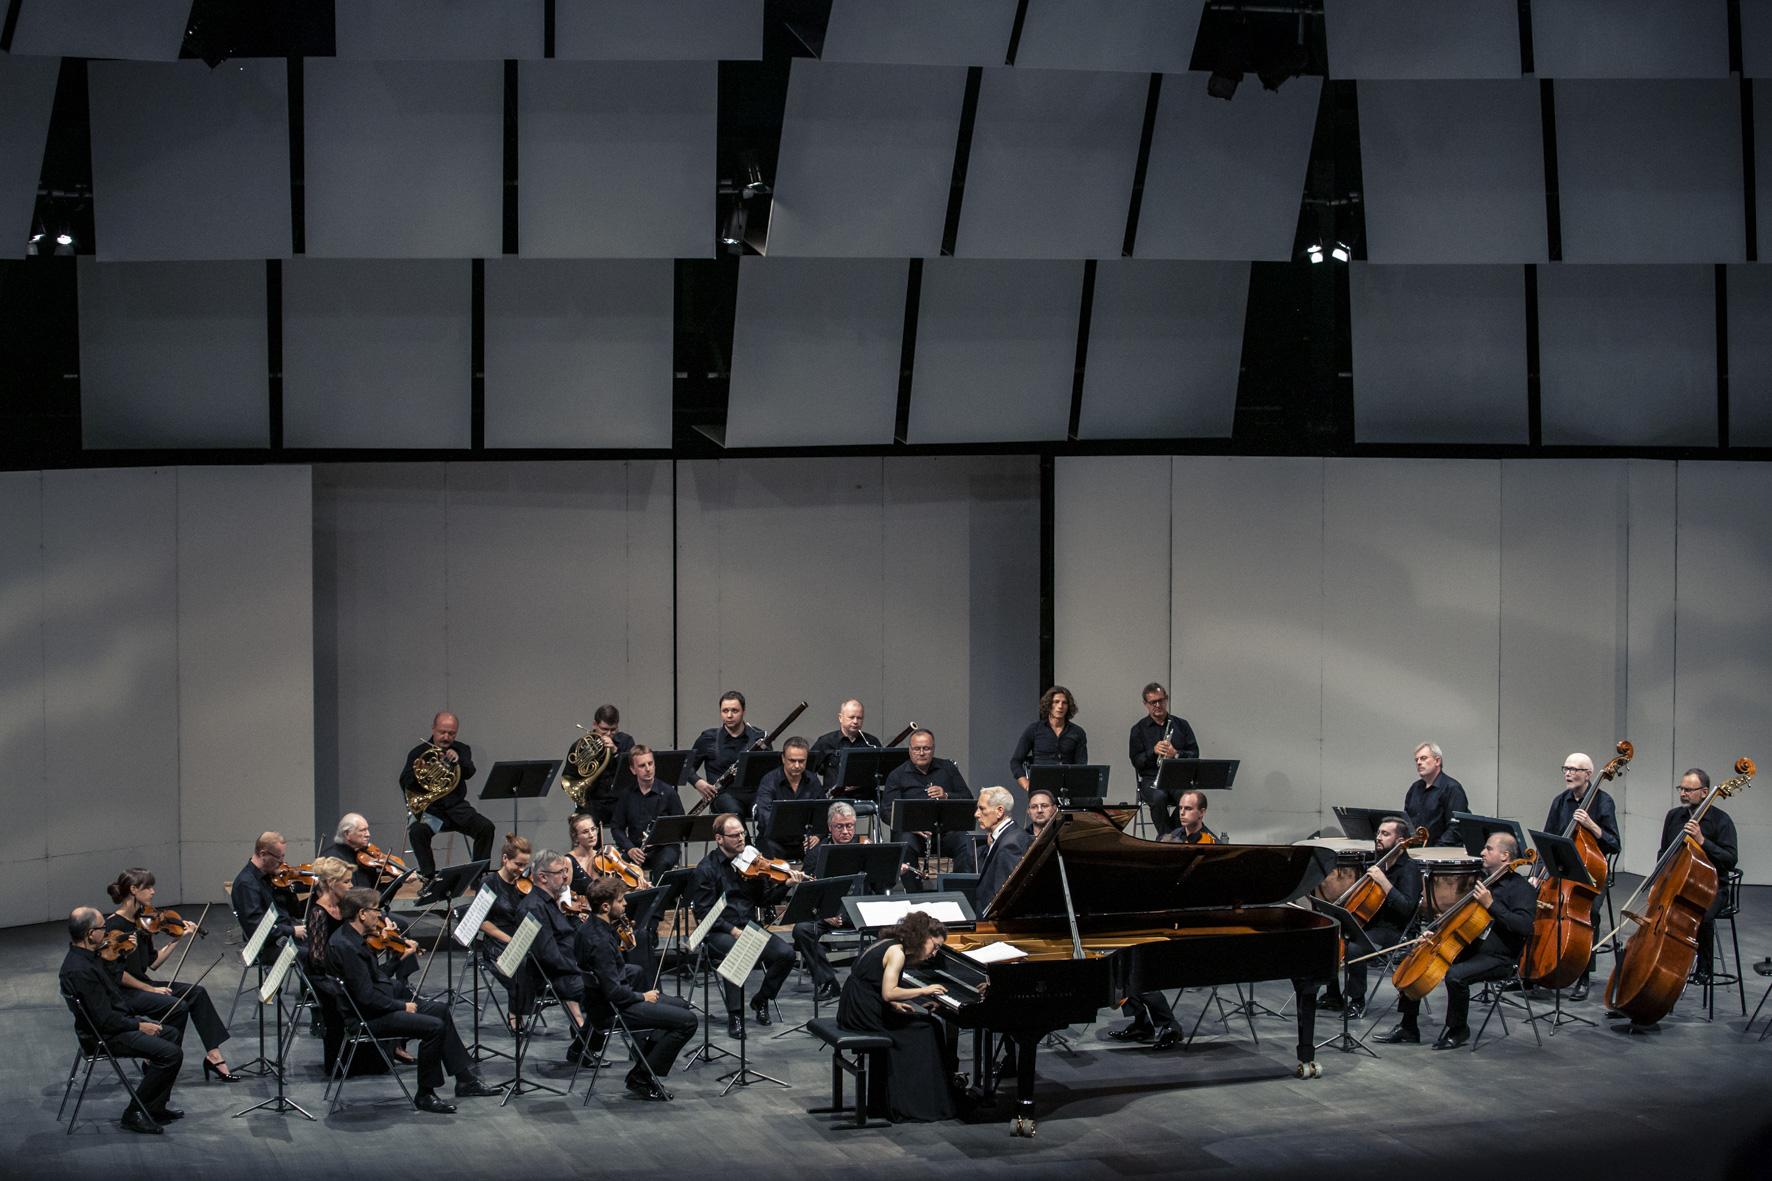 Muzycy orkiestry zdyrygentem isolistą grają wczasie koncertu